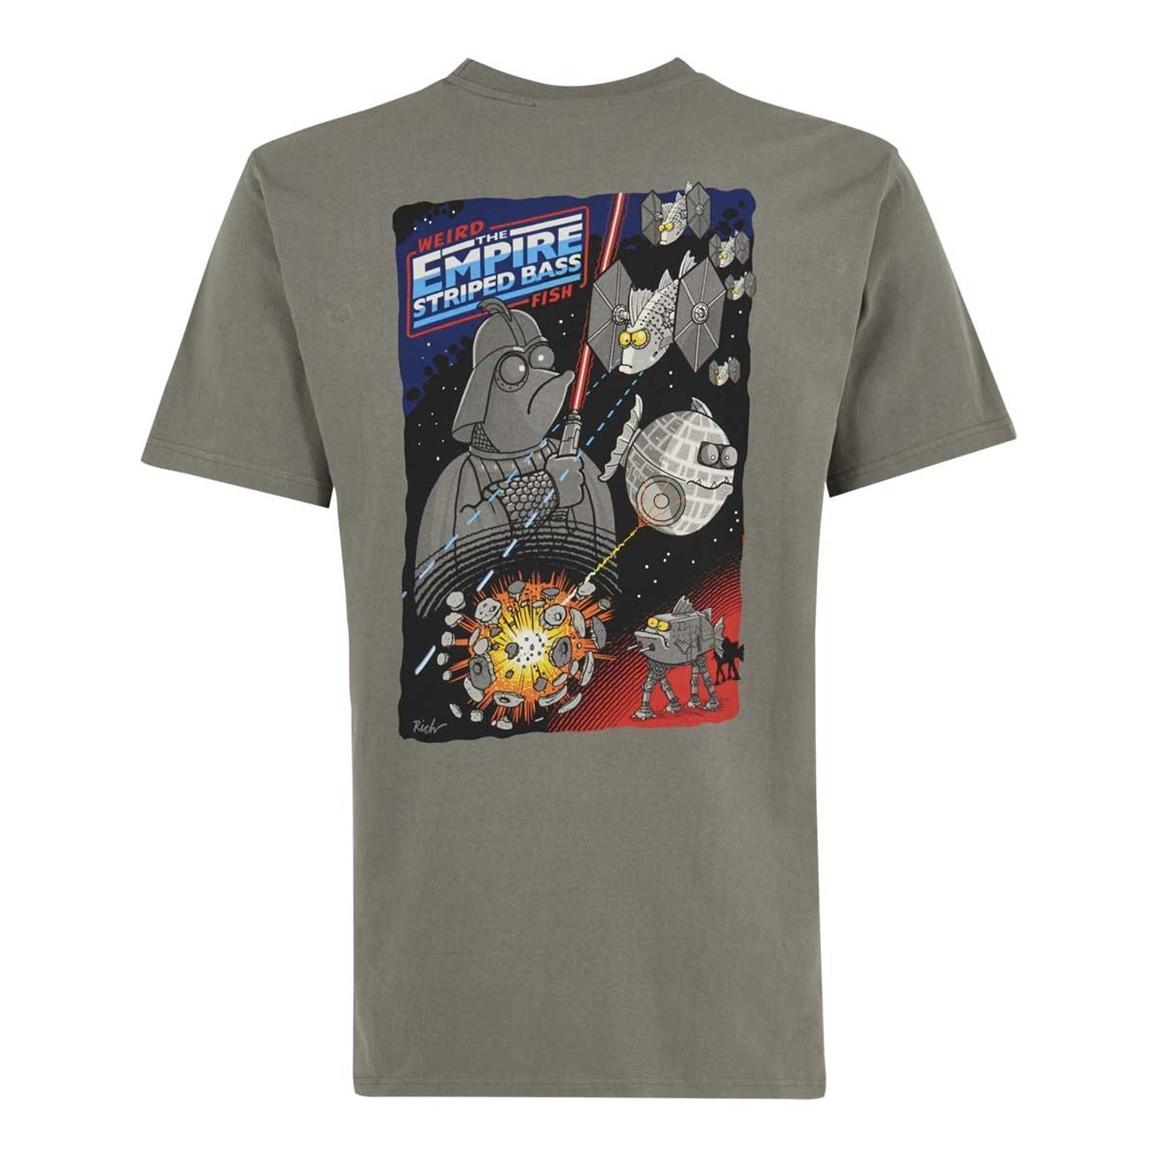 Image of Weird Fish Empire Striped Bass Artist T-Shirt Artichoke Size 2XL